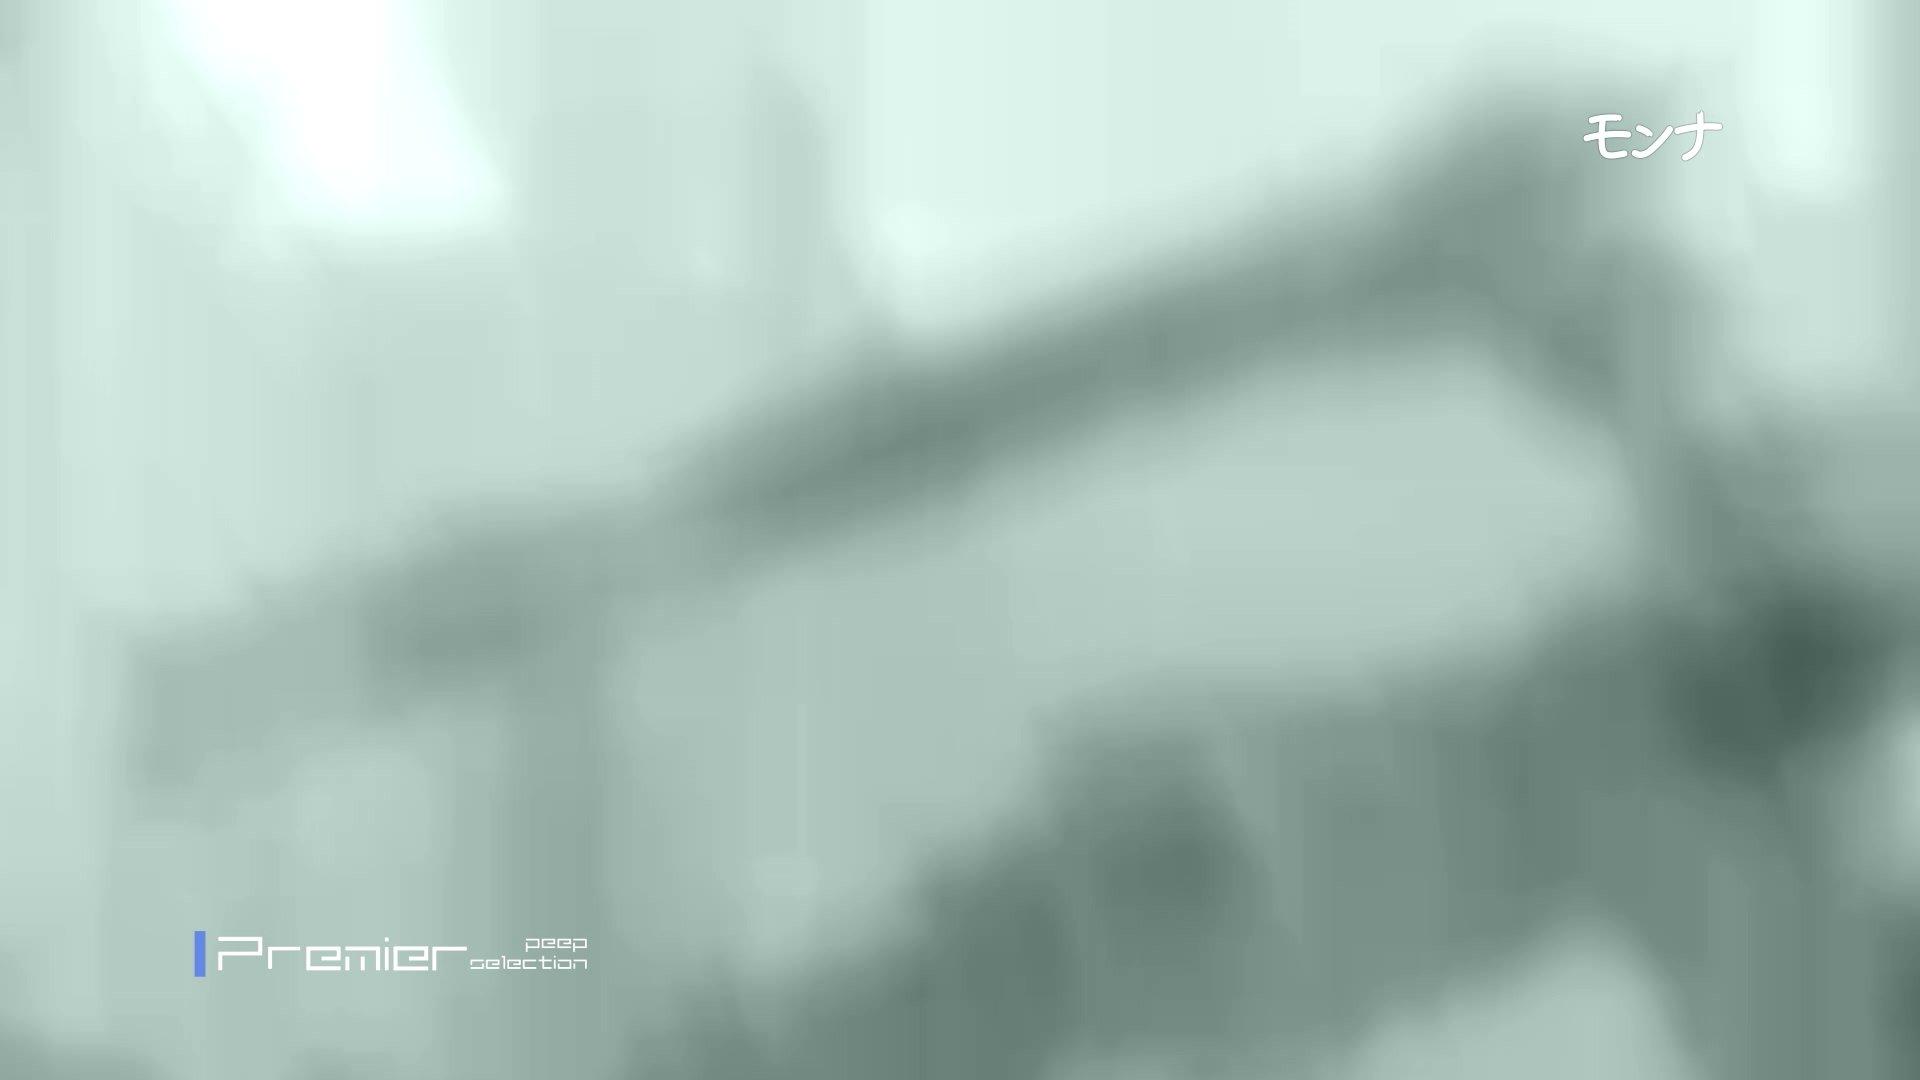 遂に!!戸田恵梨香似の予告モデル登場ダッシュで「大」 盗撮  105pic 33